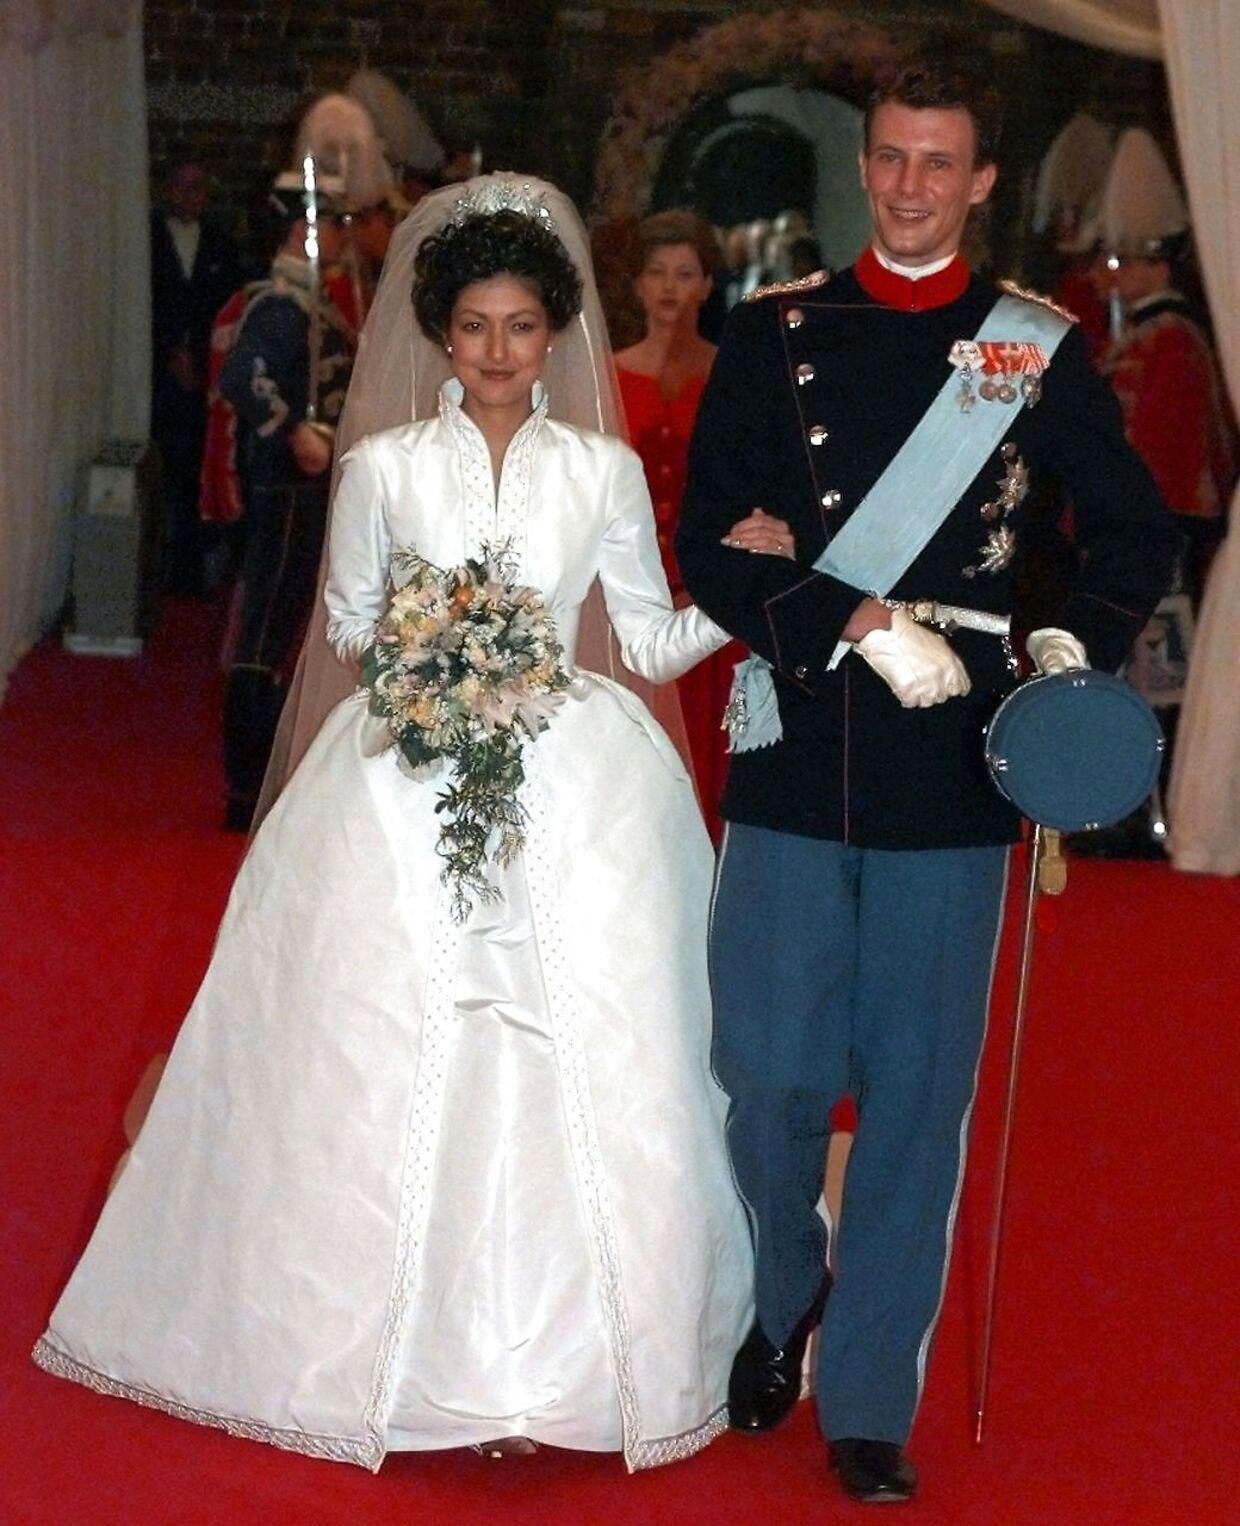 Prins Joachim og grevinde Alexandra ved deres bryllup i 1995.